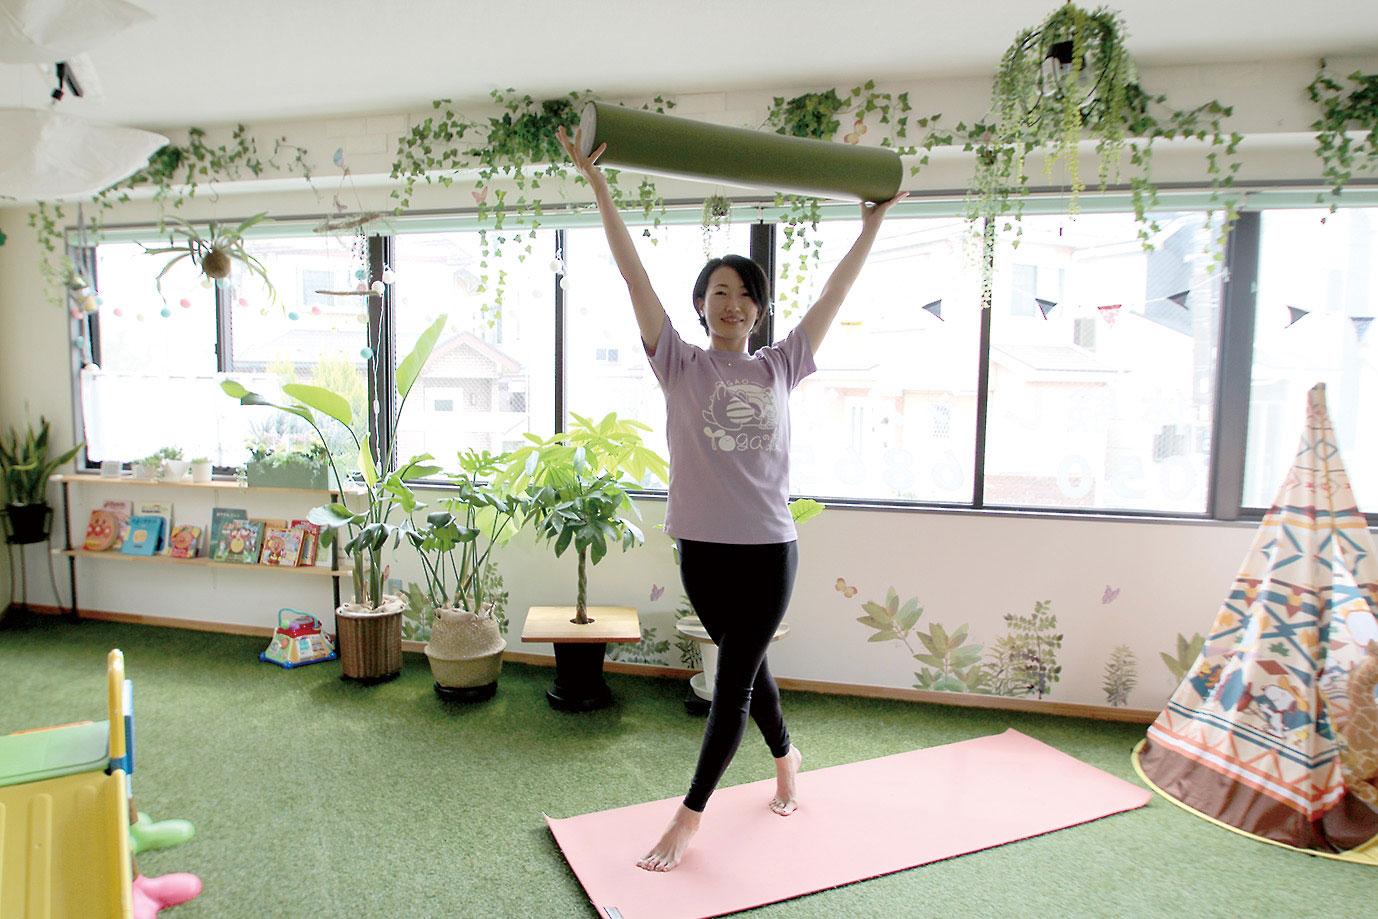 子どもと一緒に楽しく体を動かそう!  ママによるママのためのヨガスタジオ。